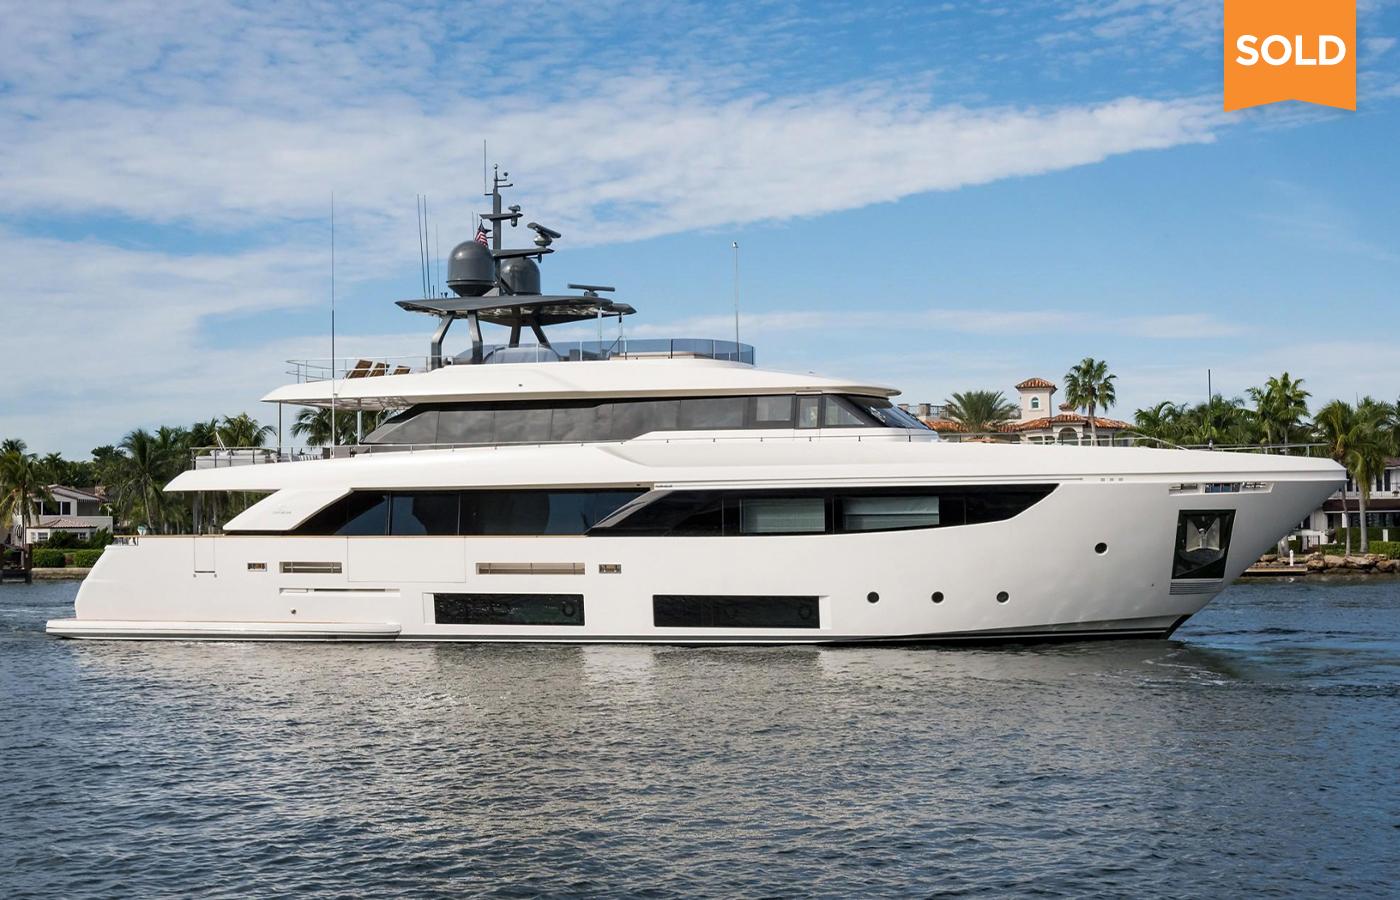 108 Custom Line Superyacht Sold By Bruce Schattenburg